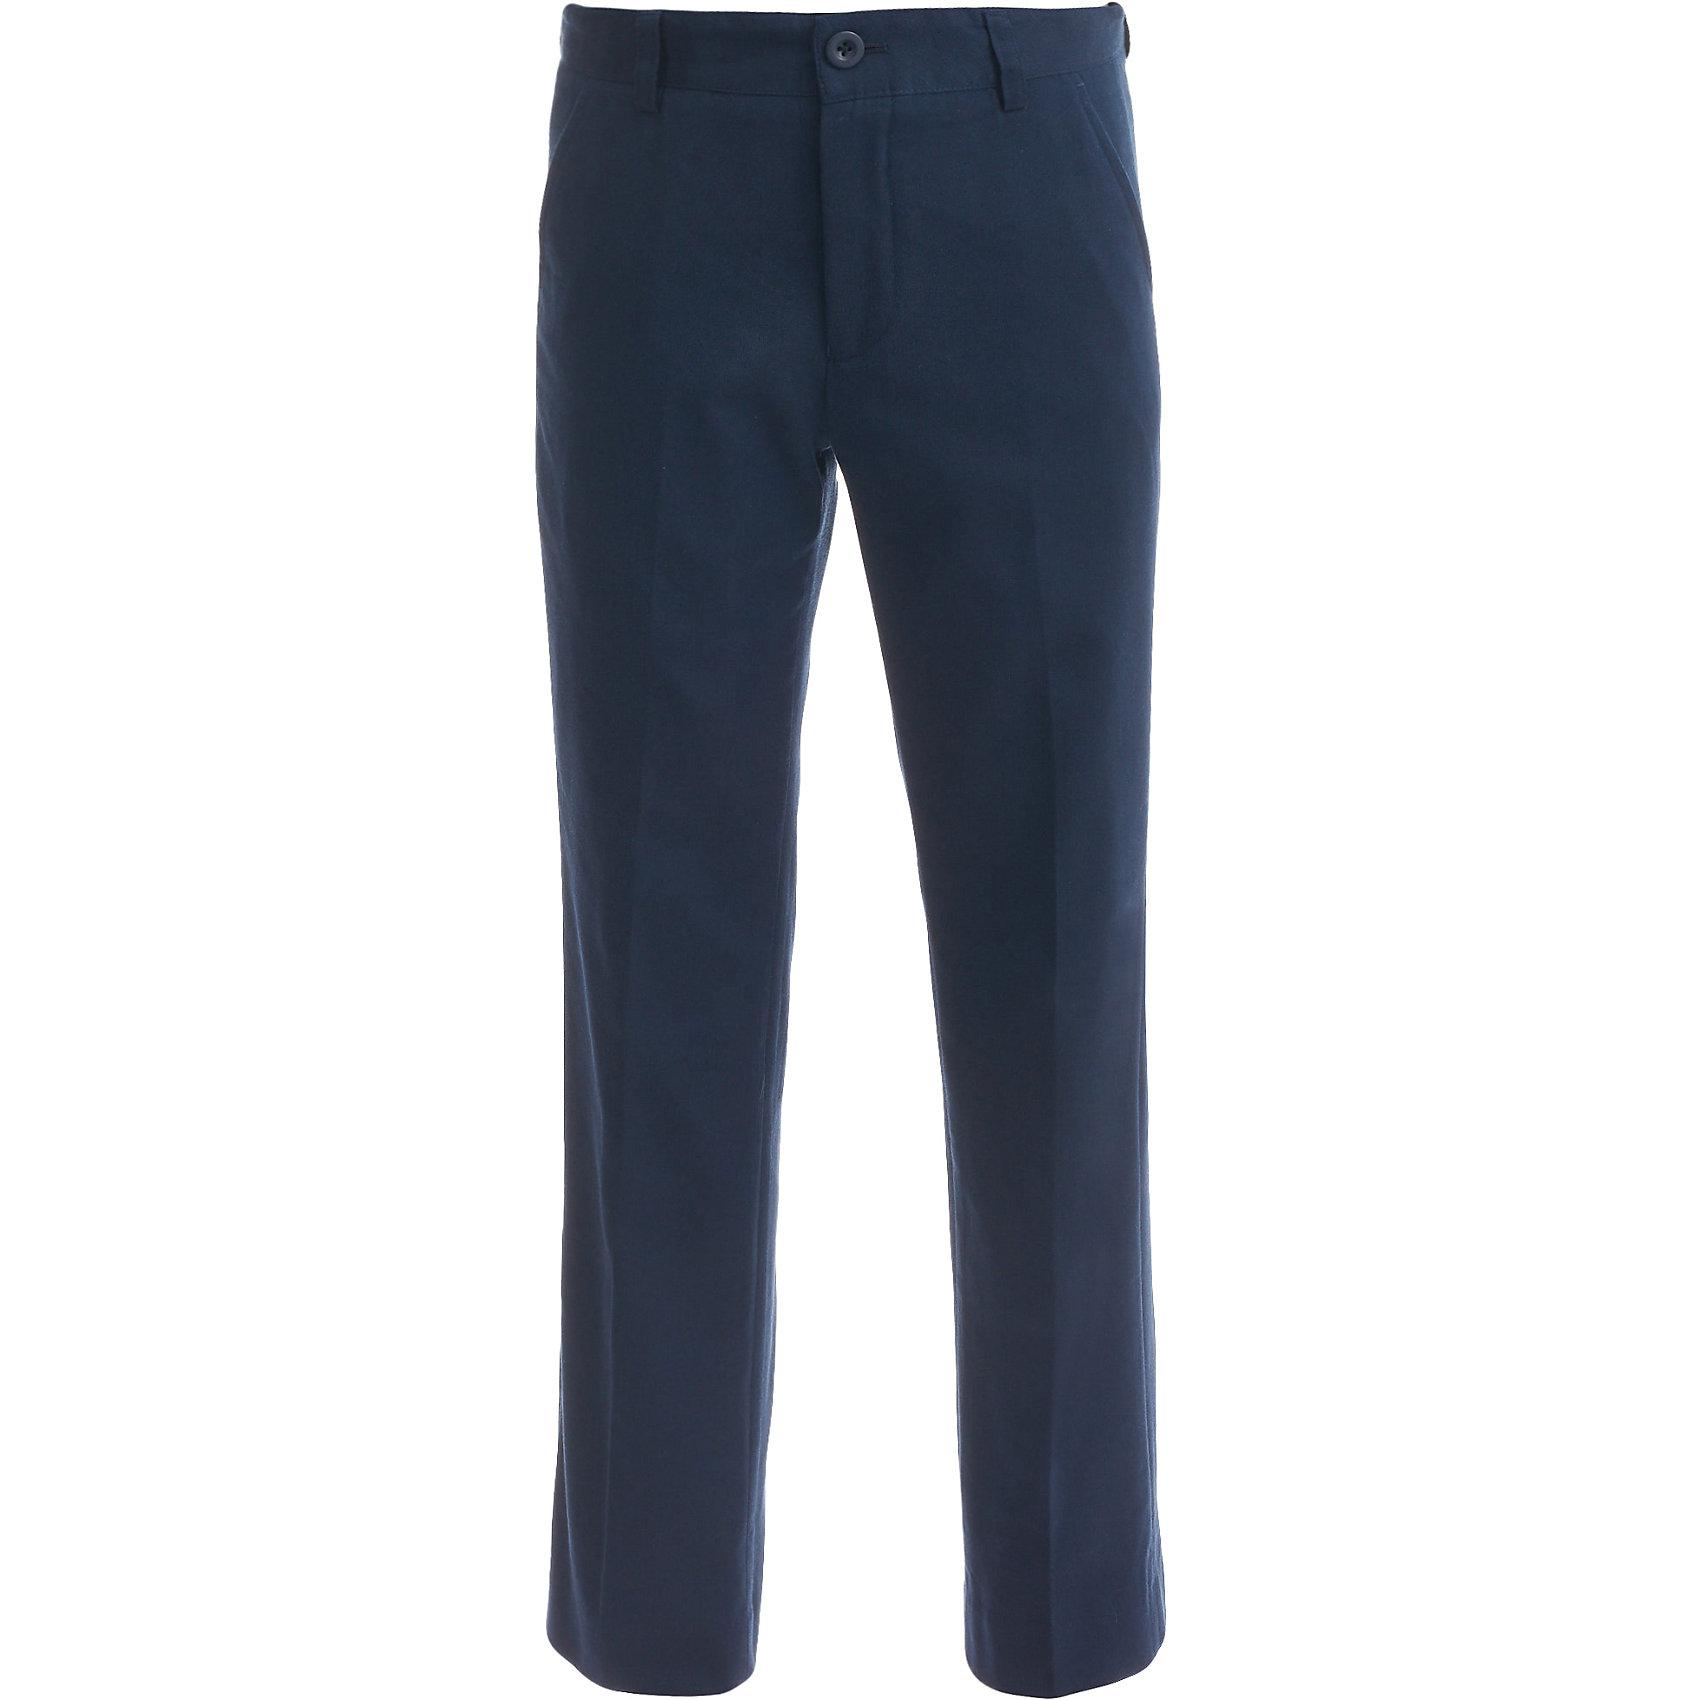 Брюки для мальчика BUTTON BLUEБрюки<br>Брюки для мальчика BUTTON BLUE<br>Школьные брюки от Button Blue - основа повседневного гардероба ученика. Брюки для школы практичны, хорошо сидят, не мешают свободе движений, обеспечивая ежедневный комфорт. Купить школьные брюки для мальчика стоит вместе с пиджаком, рубашкой, водолазкой, жилетом, создав несколько удобных и элегантных комплектов и на каждый день, и для торжественных случаев.<br>Состав:<br>38% хлопок,                      32% вискоза,                               23% полиэстер                               7% шерсть                     подкл.:  50% вискоза           50% полиэстер<br><br>Ширина мм: 215<br>Глубина мм: 88<br>Высота мм: 191<br>Вес г: 336<br>Цвет: синий<br>Возраст от месяцев: 156<br>Возраст до месяцев: 168<br>Пол: Мужской<br>Возраст: Детский<br>Размер: 128,164,122,134,140,146,152,158<br>SKU: 6739251